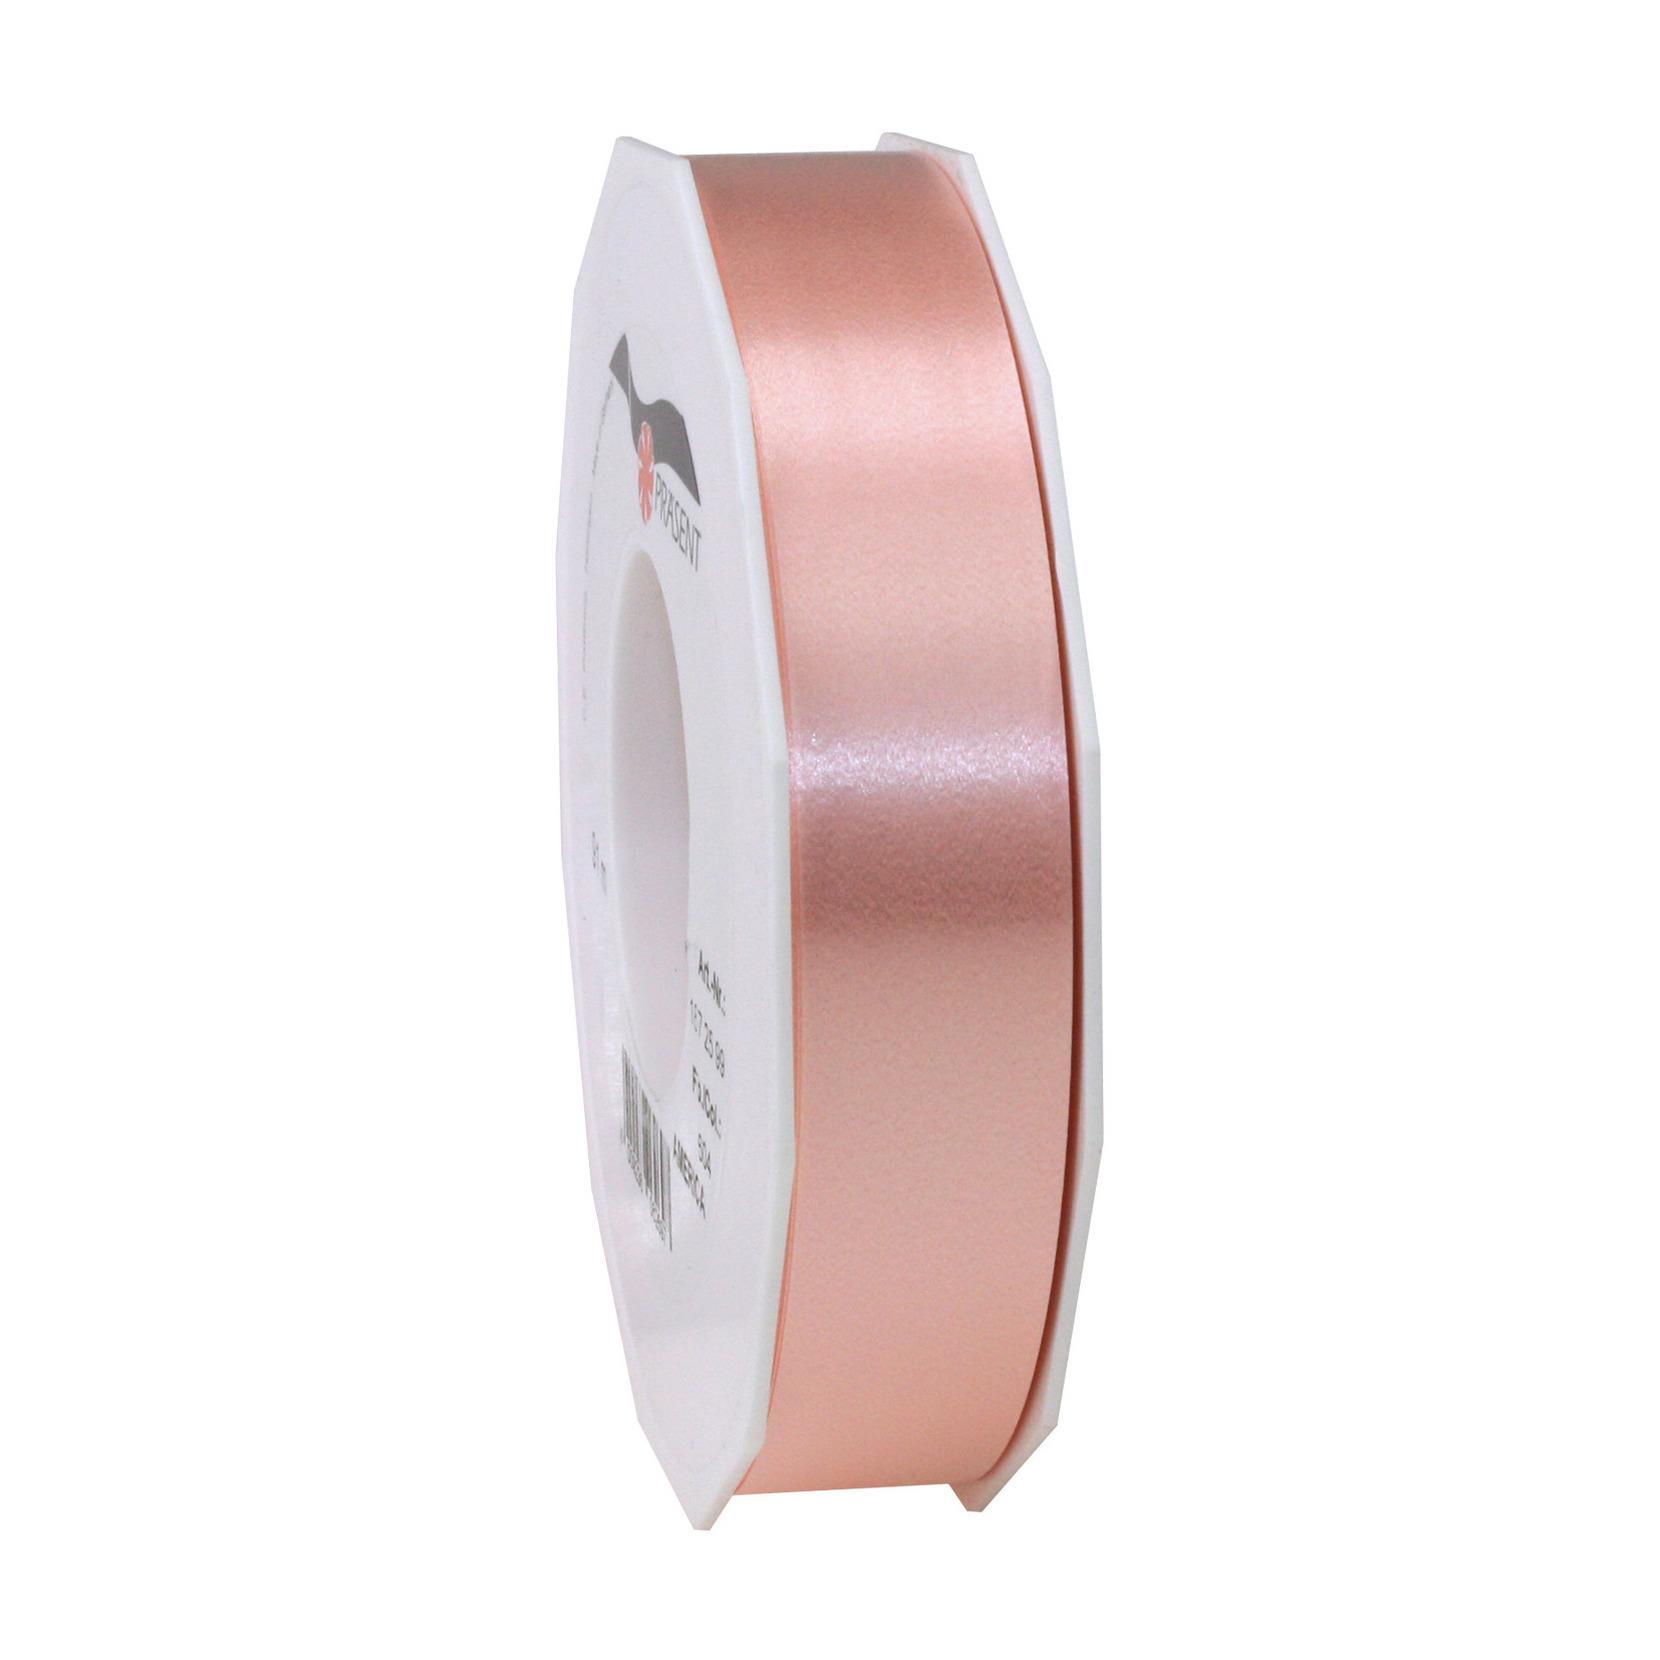 1x Luxe zalmroze kunststof lint rollen 2,5 cm x 91 meter cadeaulint verpakkingsmateriaal